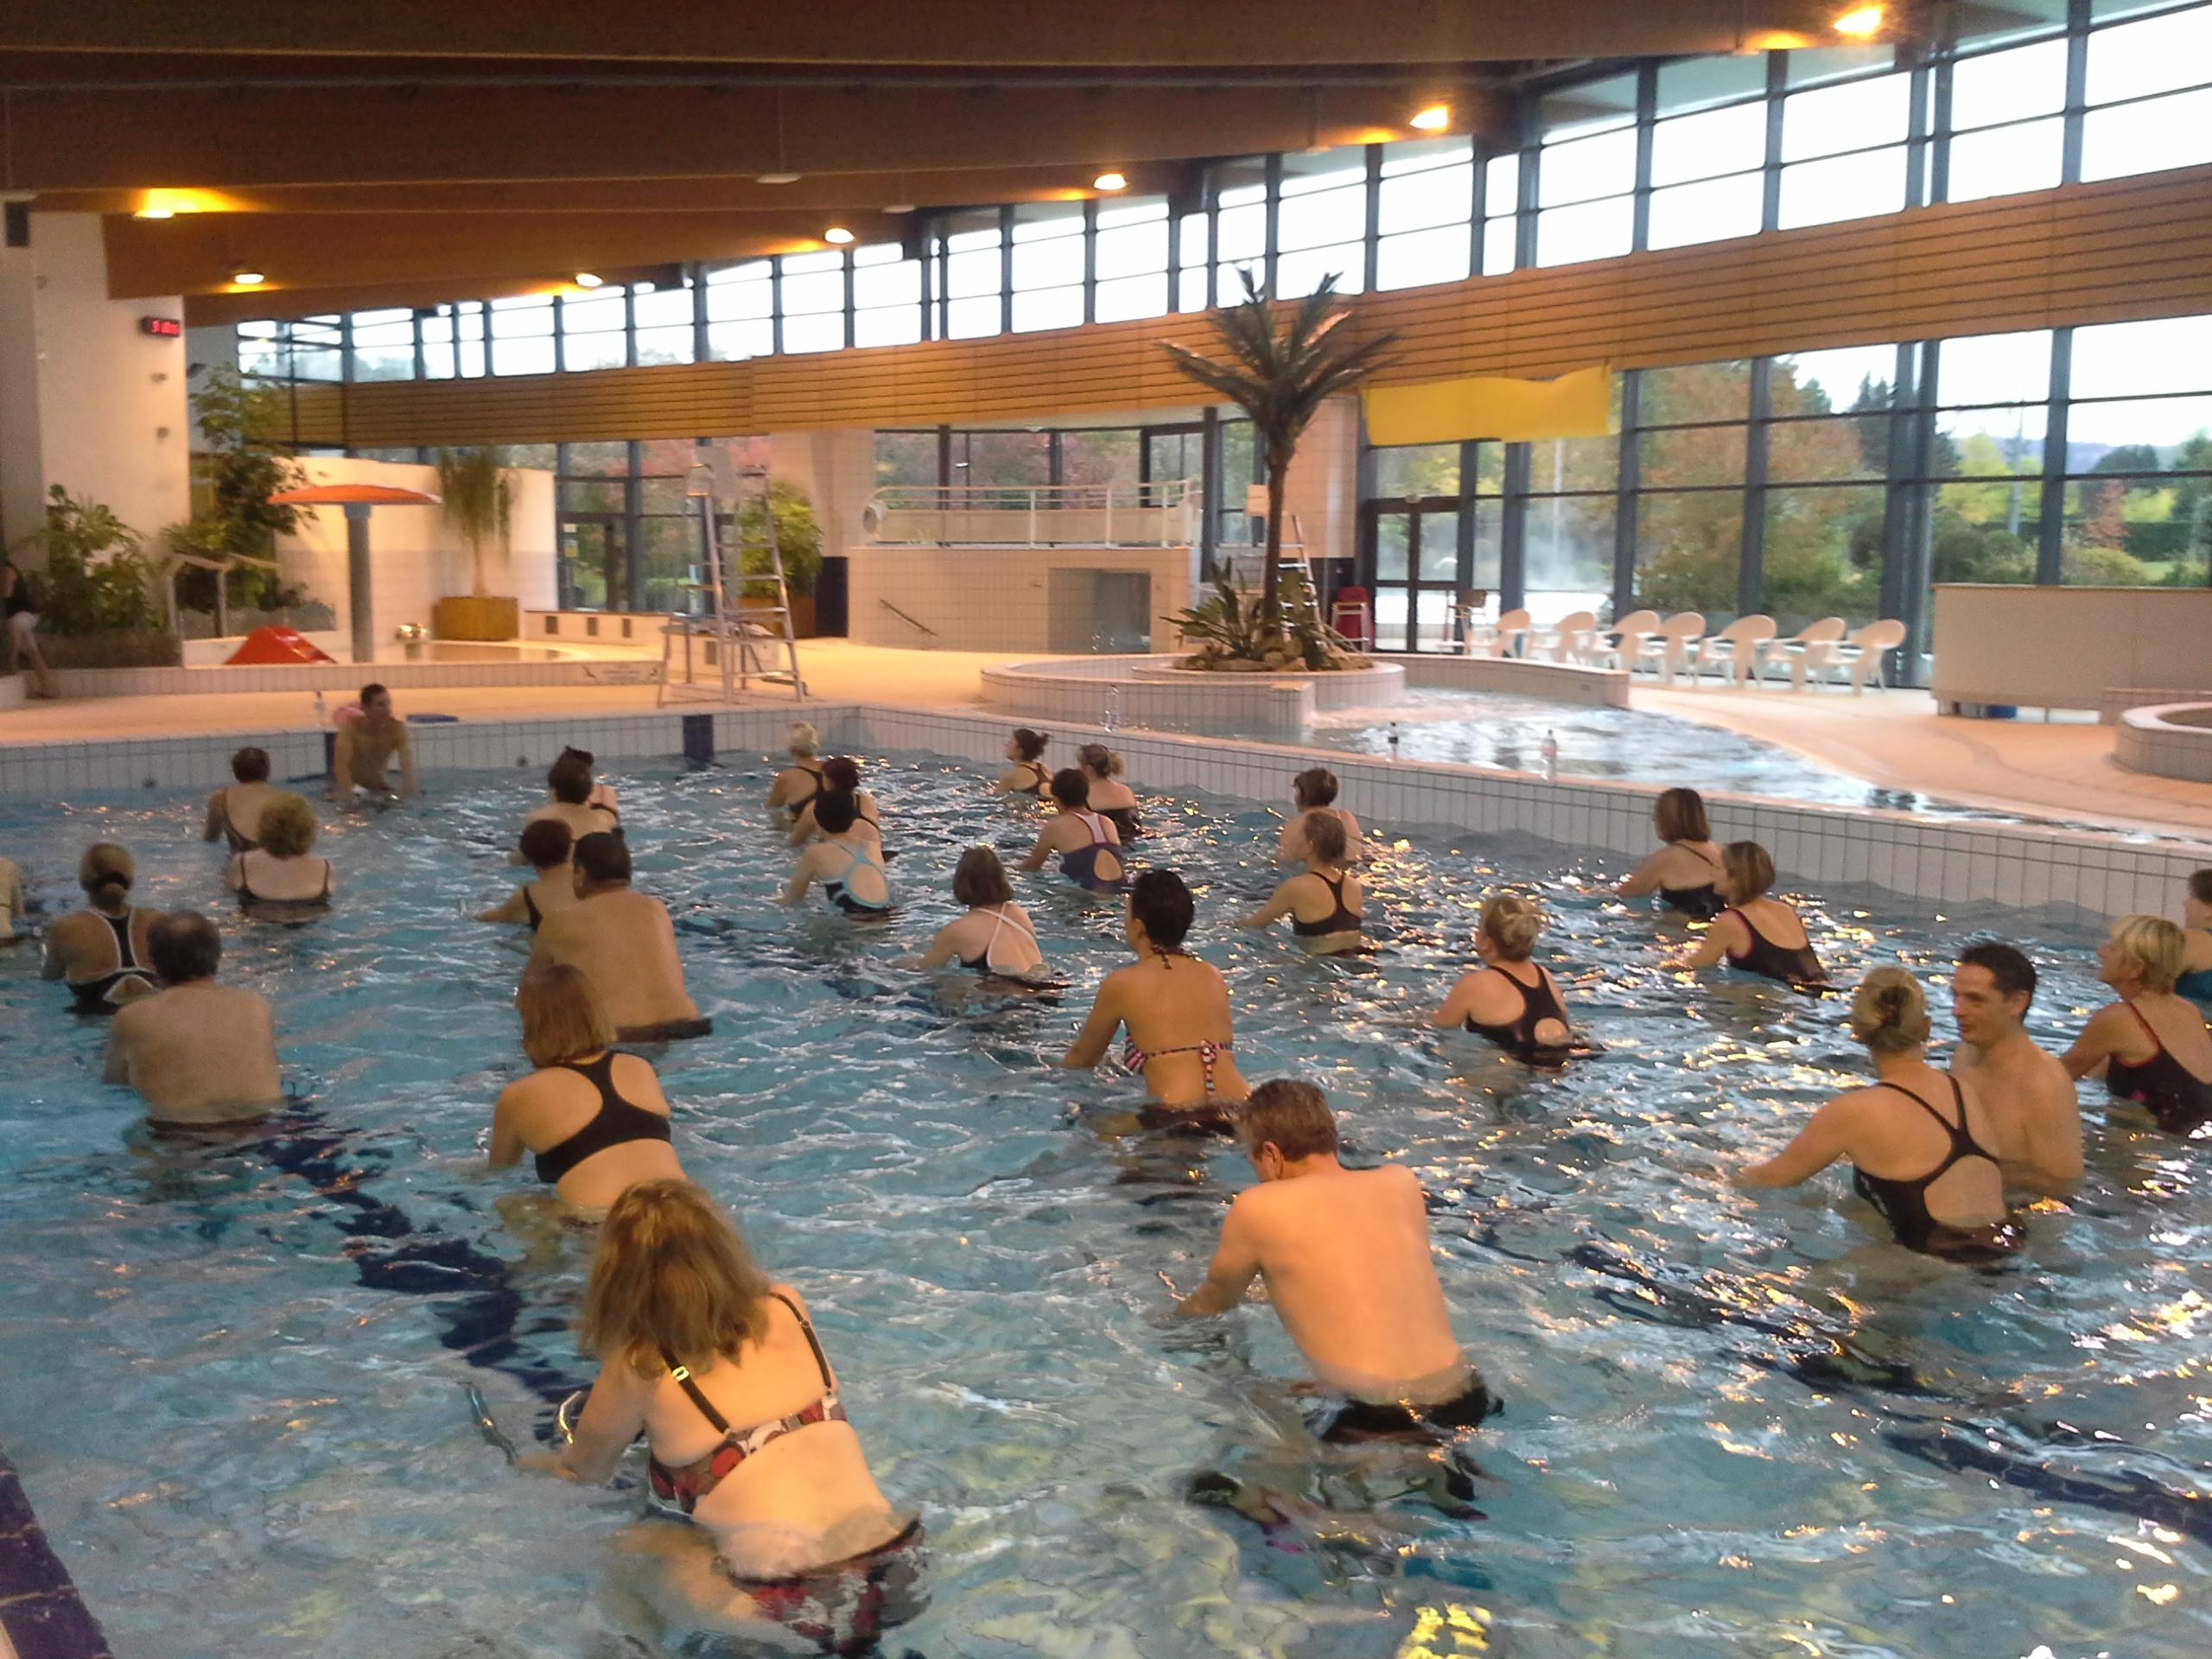 Ain'pulse - Centre Aquatique De Loisirs & Remise En Forme À ... encequiconcerne Saint Vulbas Piscine